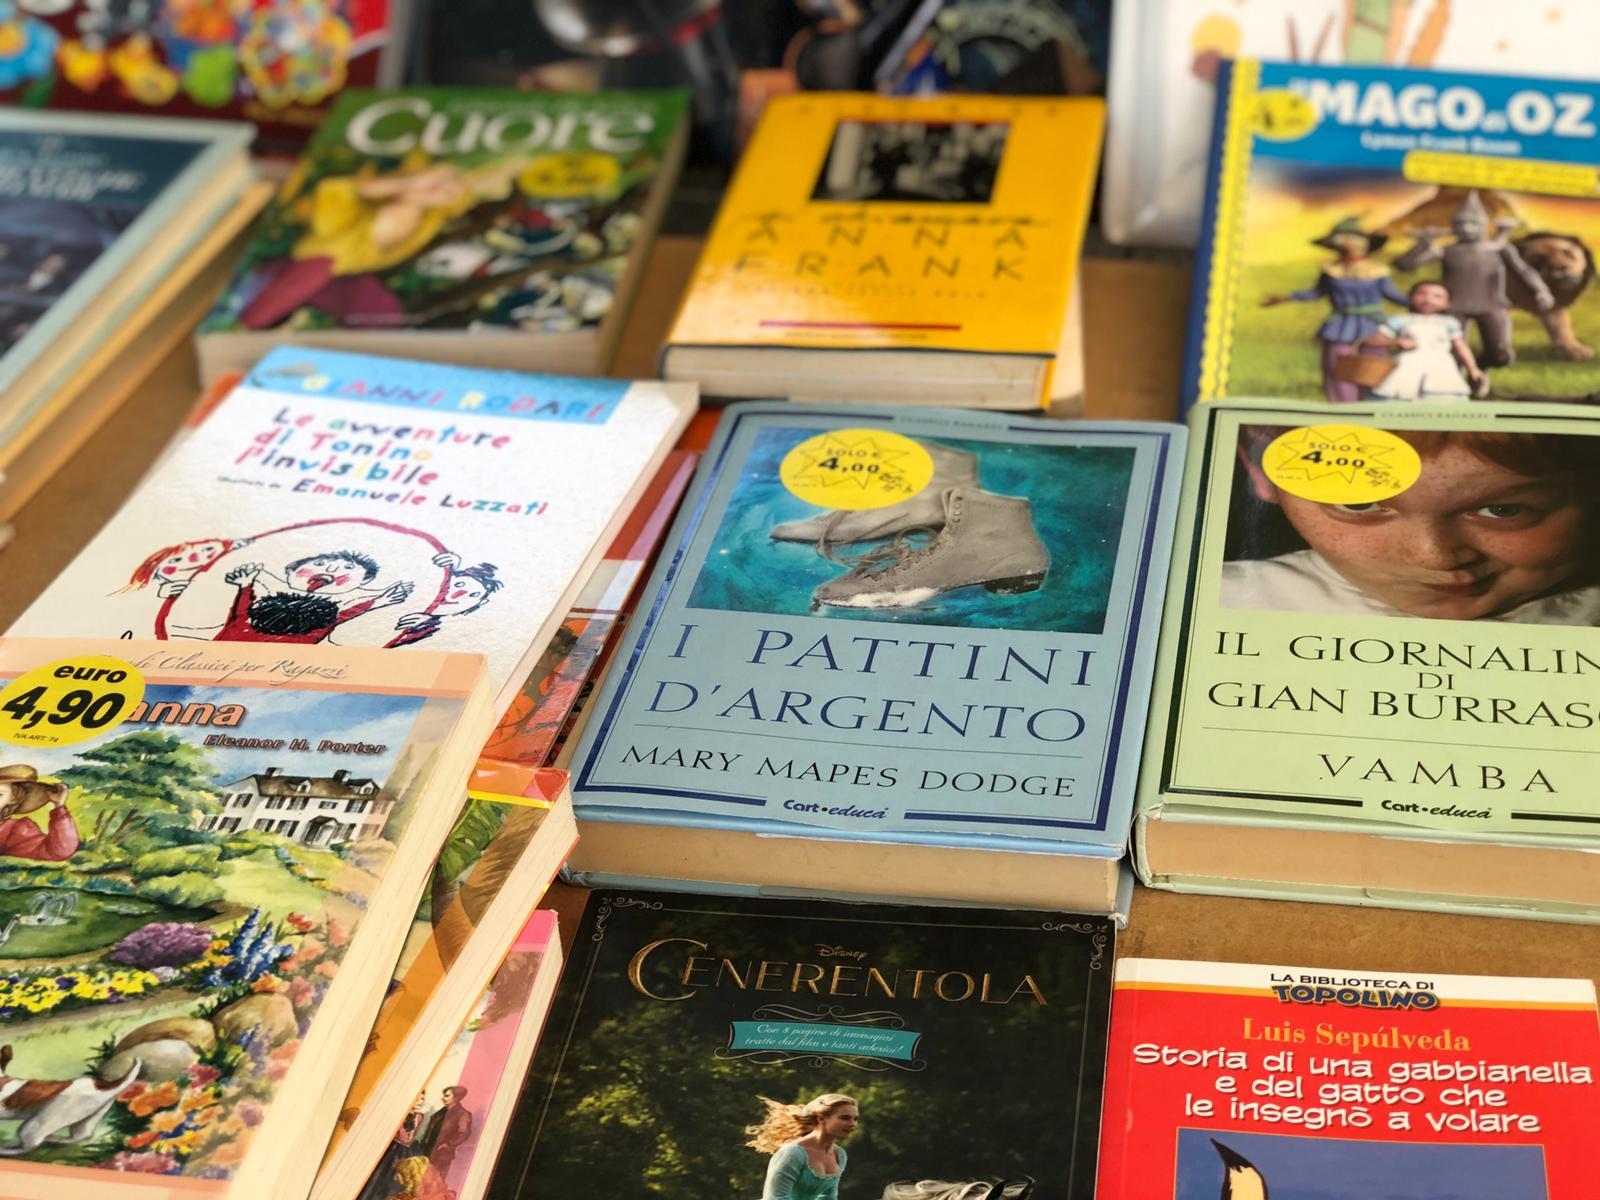 Perugia Fumetti - Mercato Pian Di Massiano - Libri e fumetti usati - 11